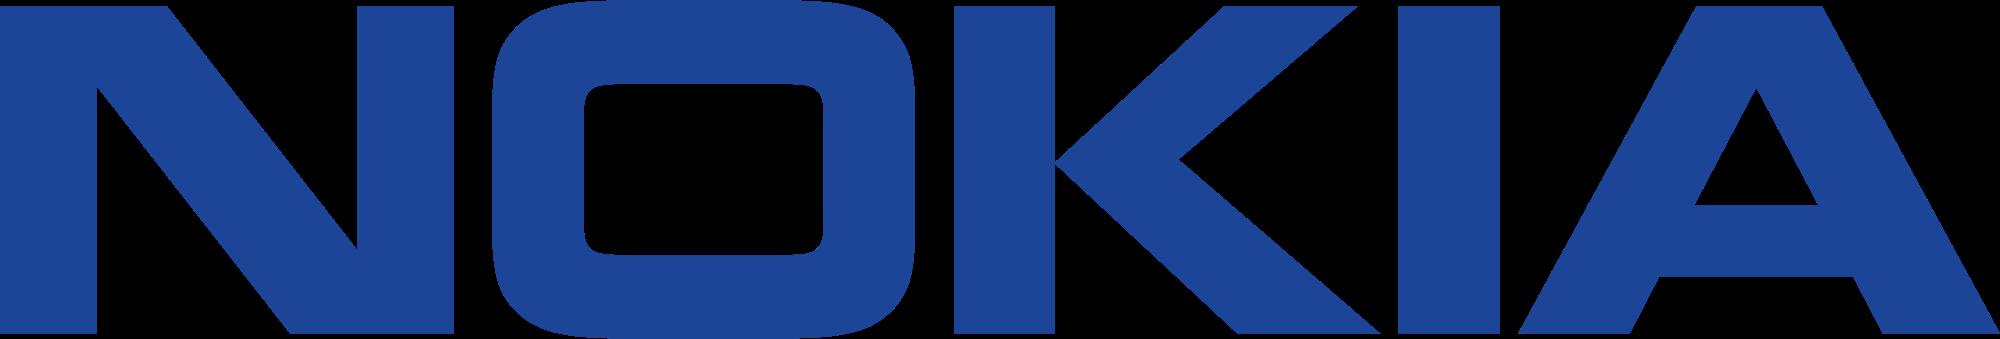 498675 Nokia logo - Indoor deployment strategies